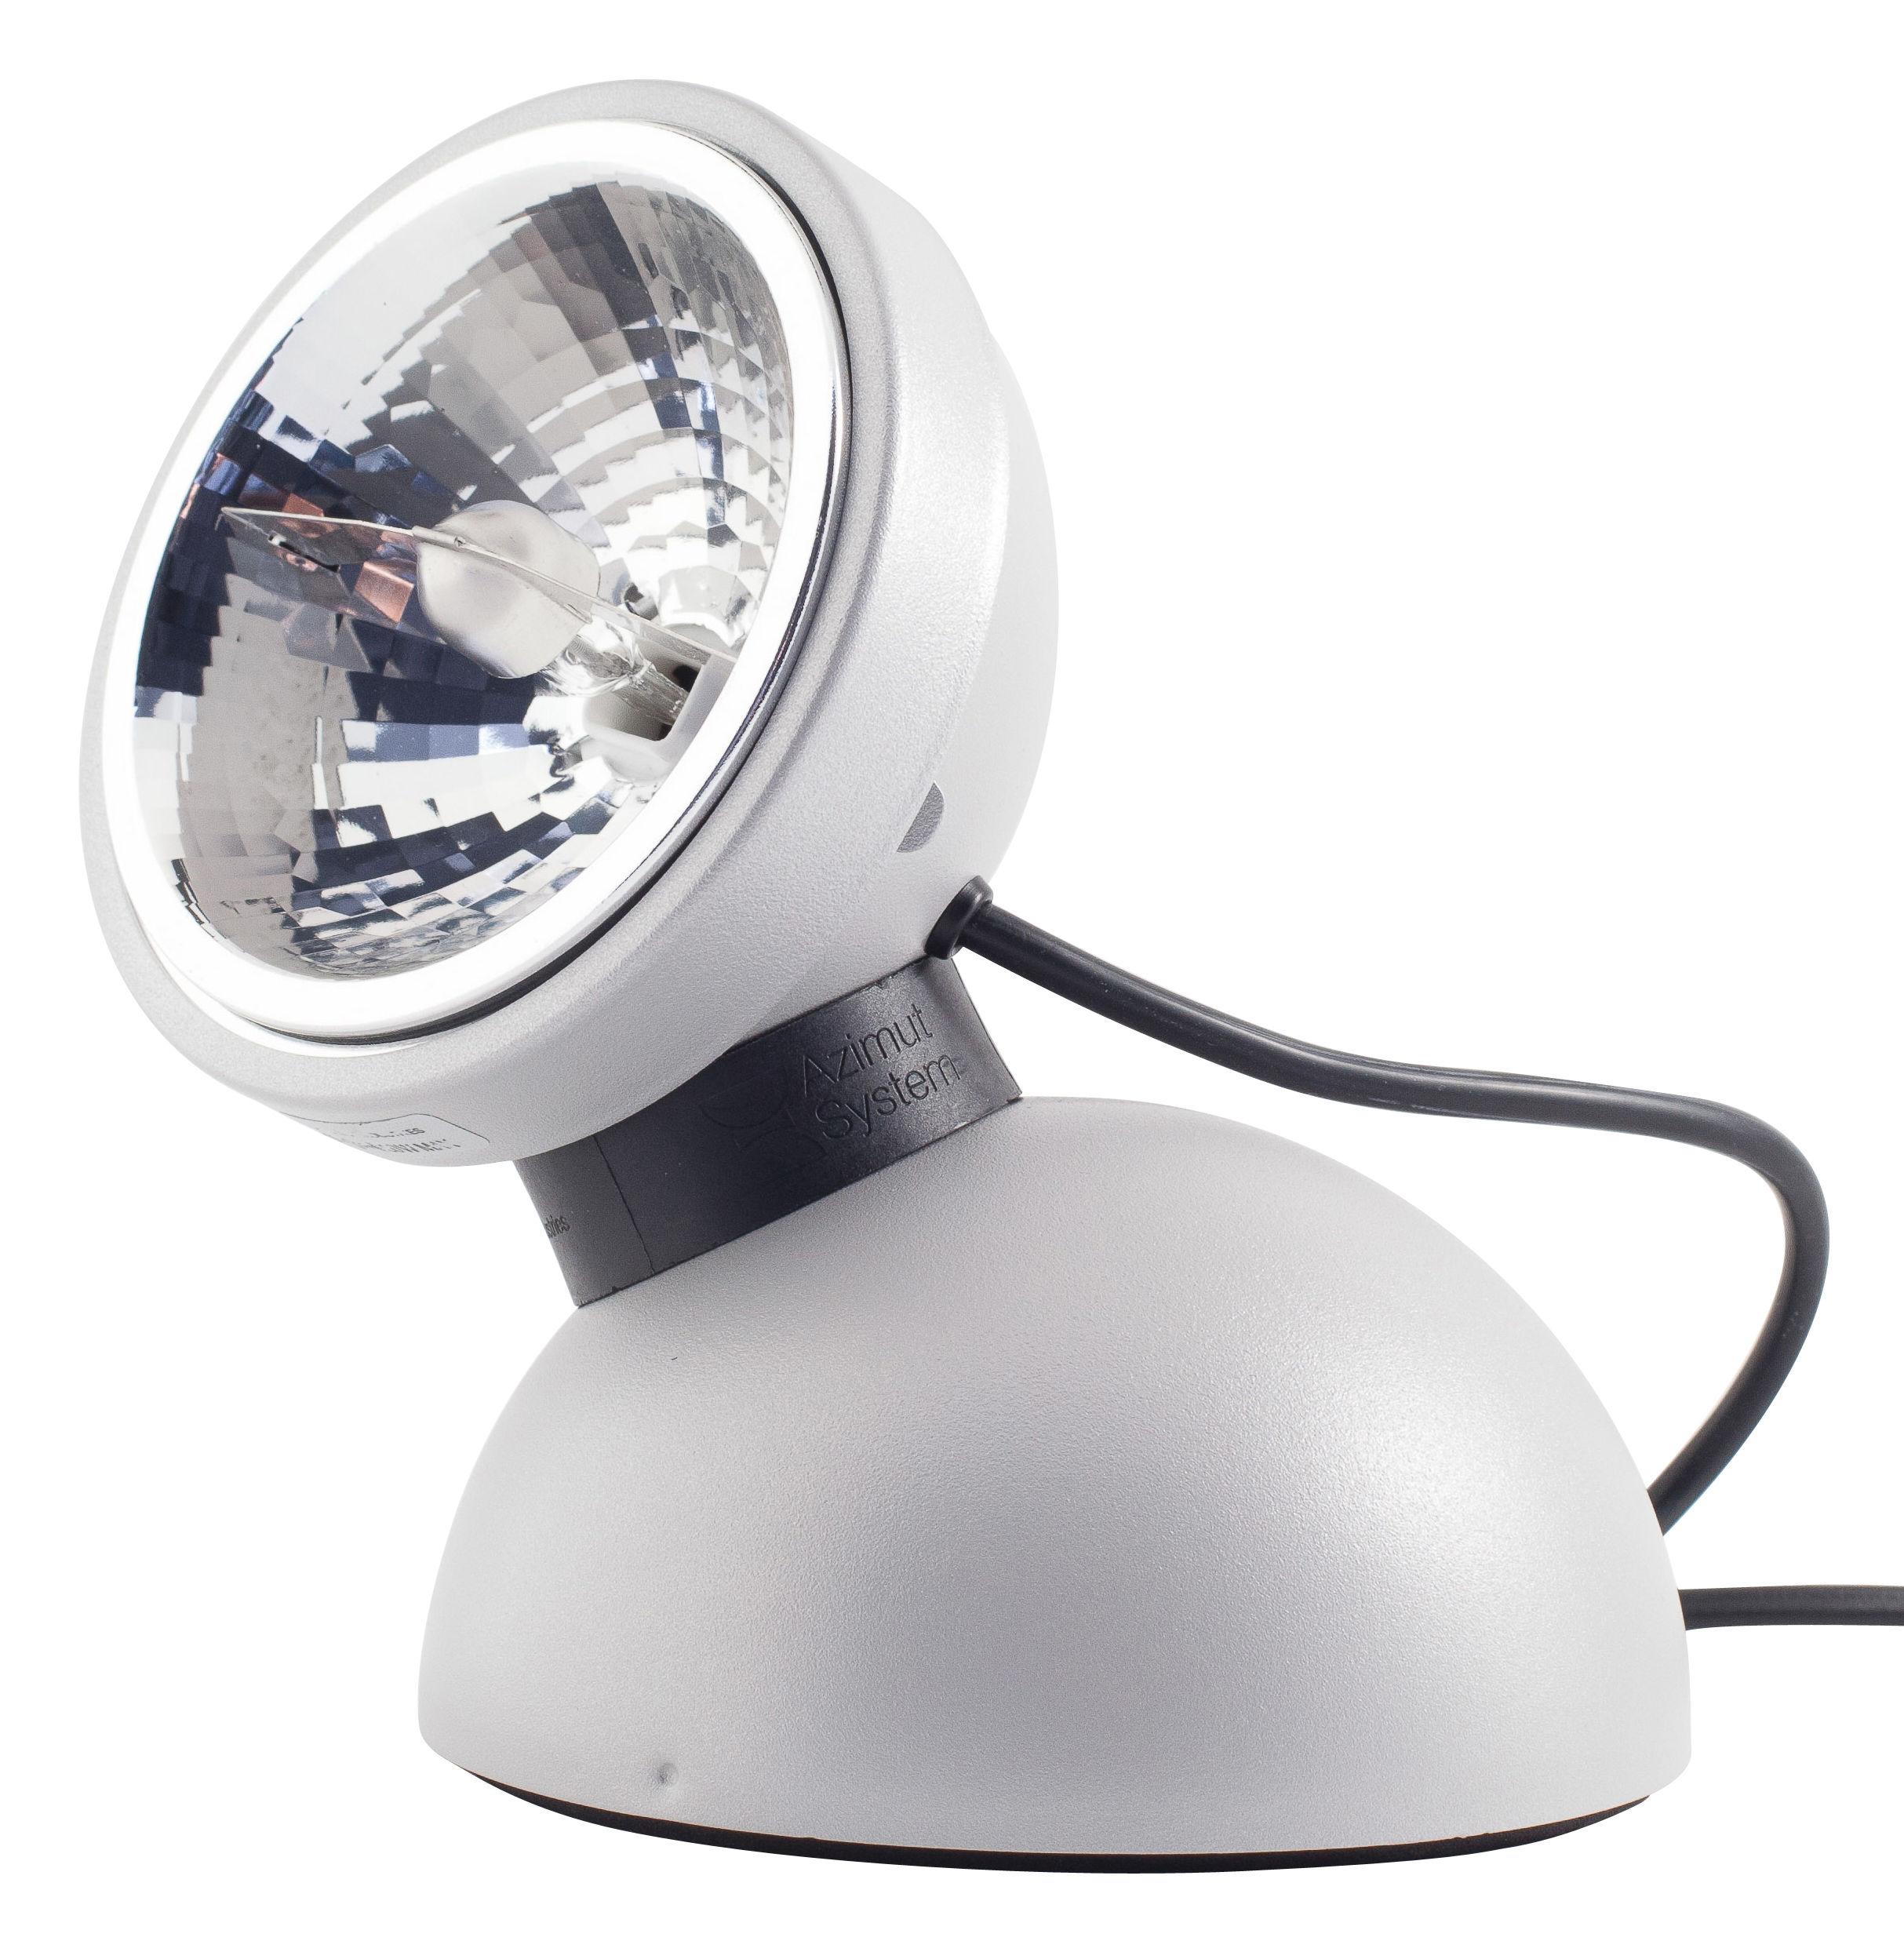 Luminaire - Lampes de table - Lampe de table Touch 360° commande tactile - Azimut Industries - Gris - Métal laqué